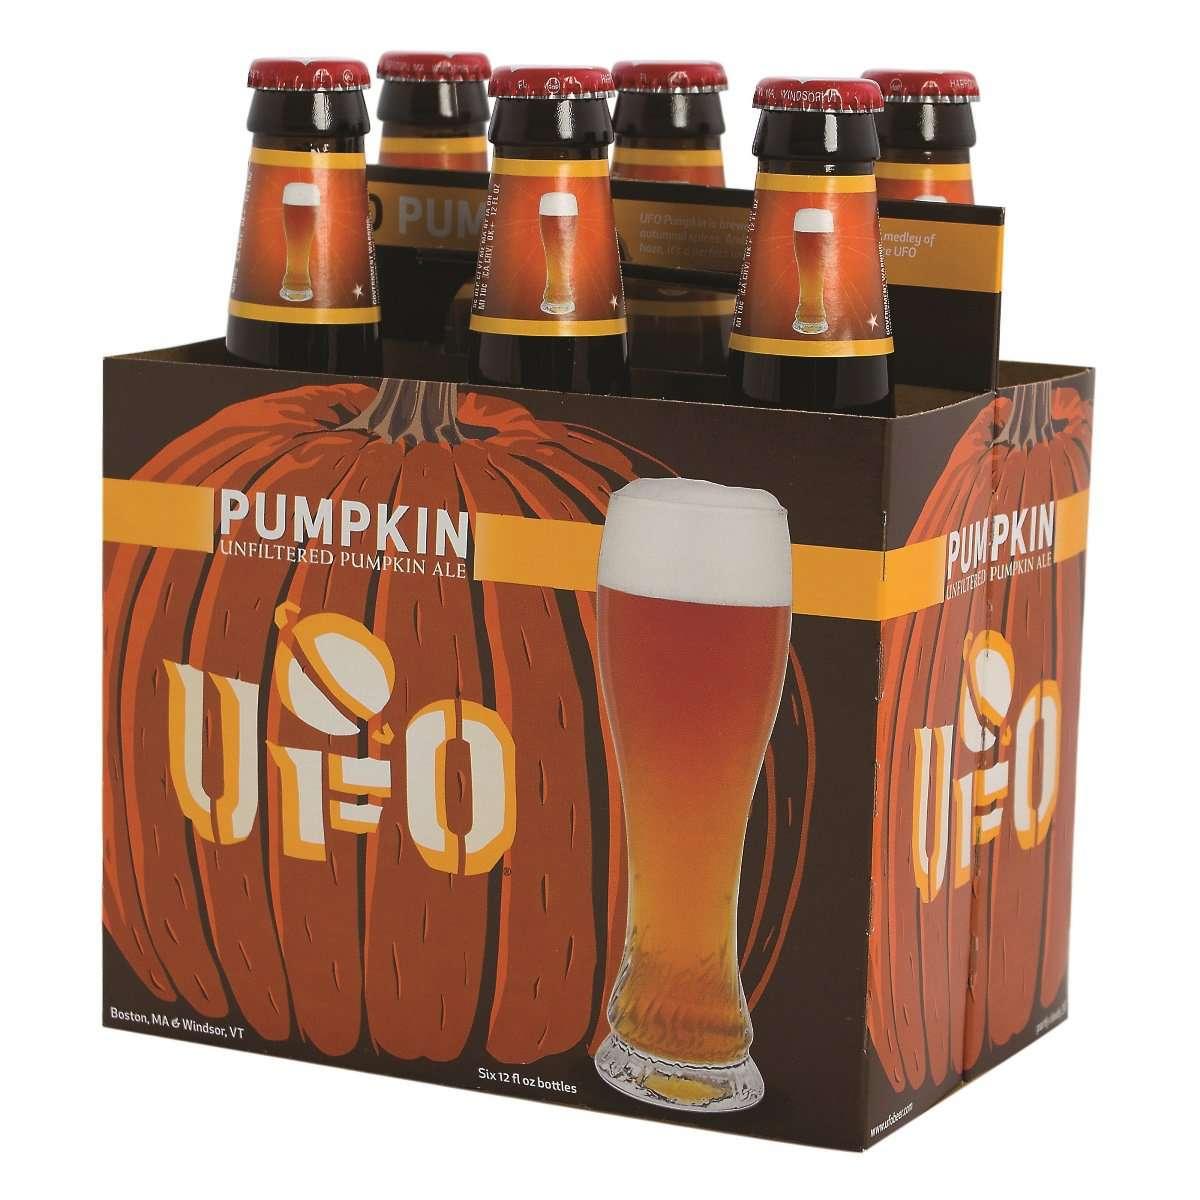 A pack of pumpkin beers.